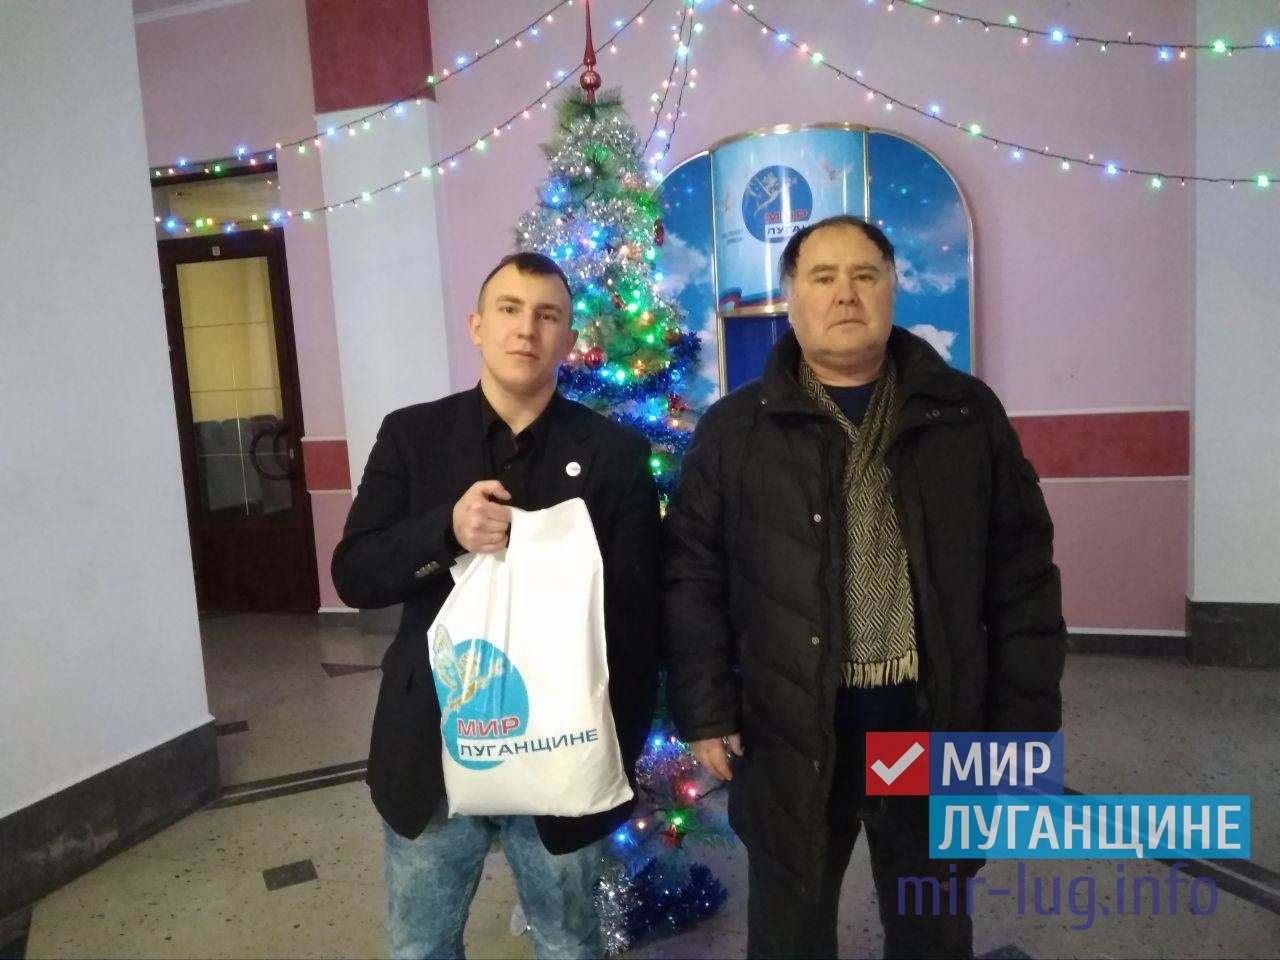 Активисты Общественного движения «Мир Луганщине» выдали адресную гуманитарную помощь 1